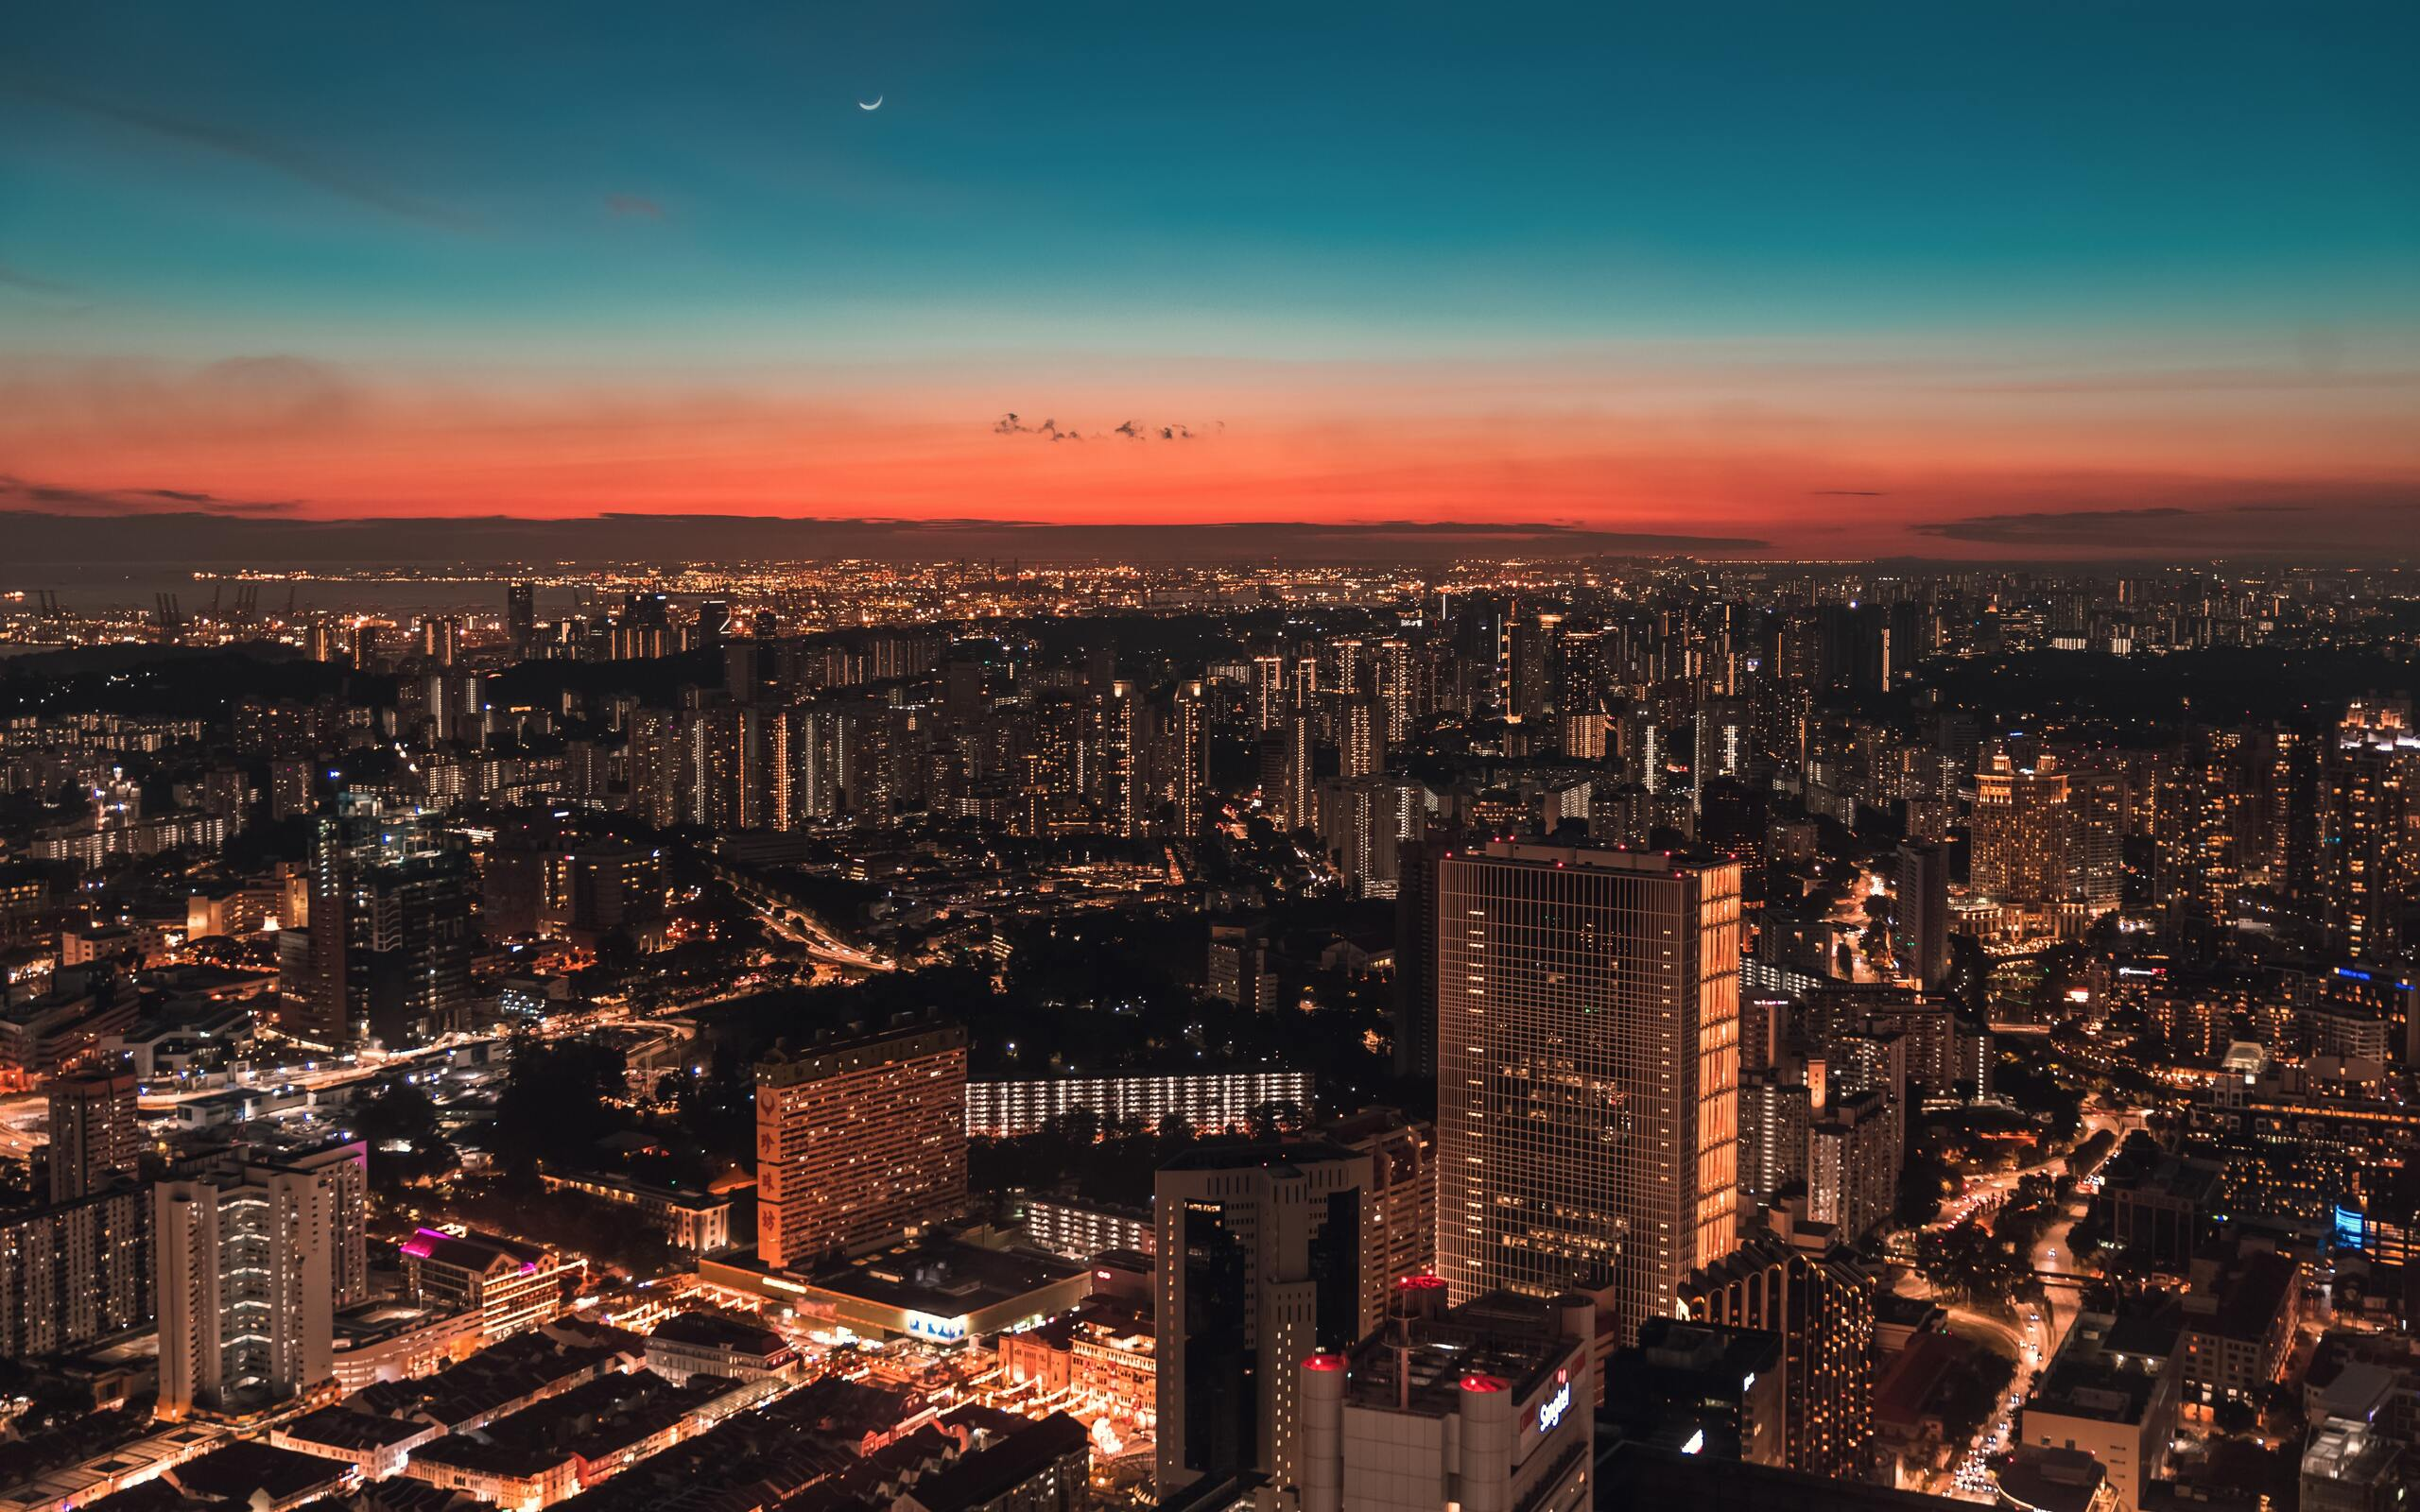 aerial-view-skyline-of-singapore-5k-yx.jpg